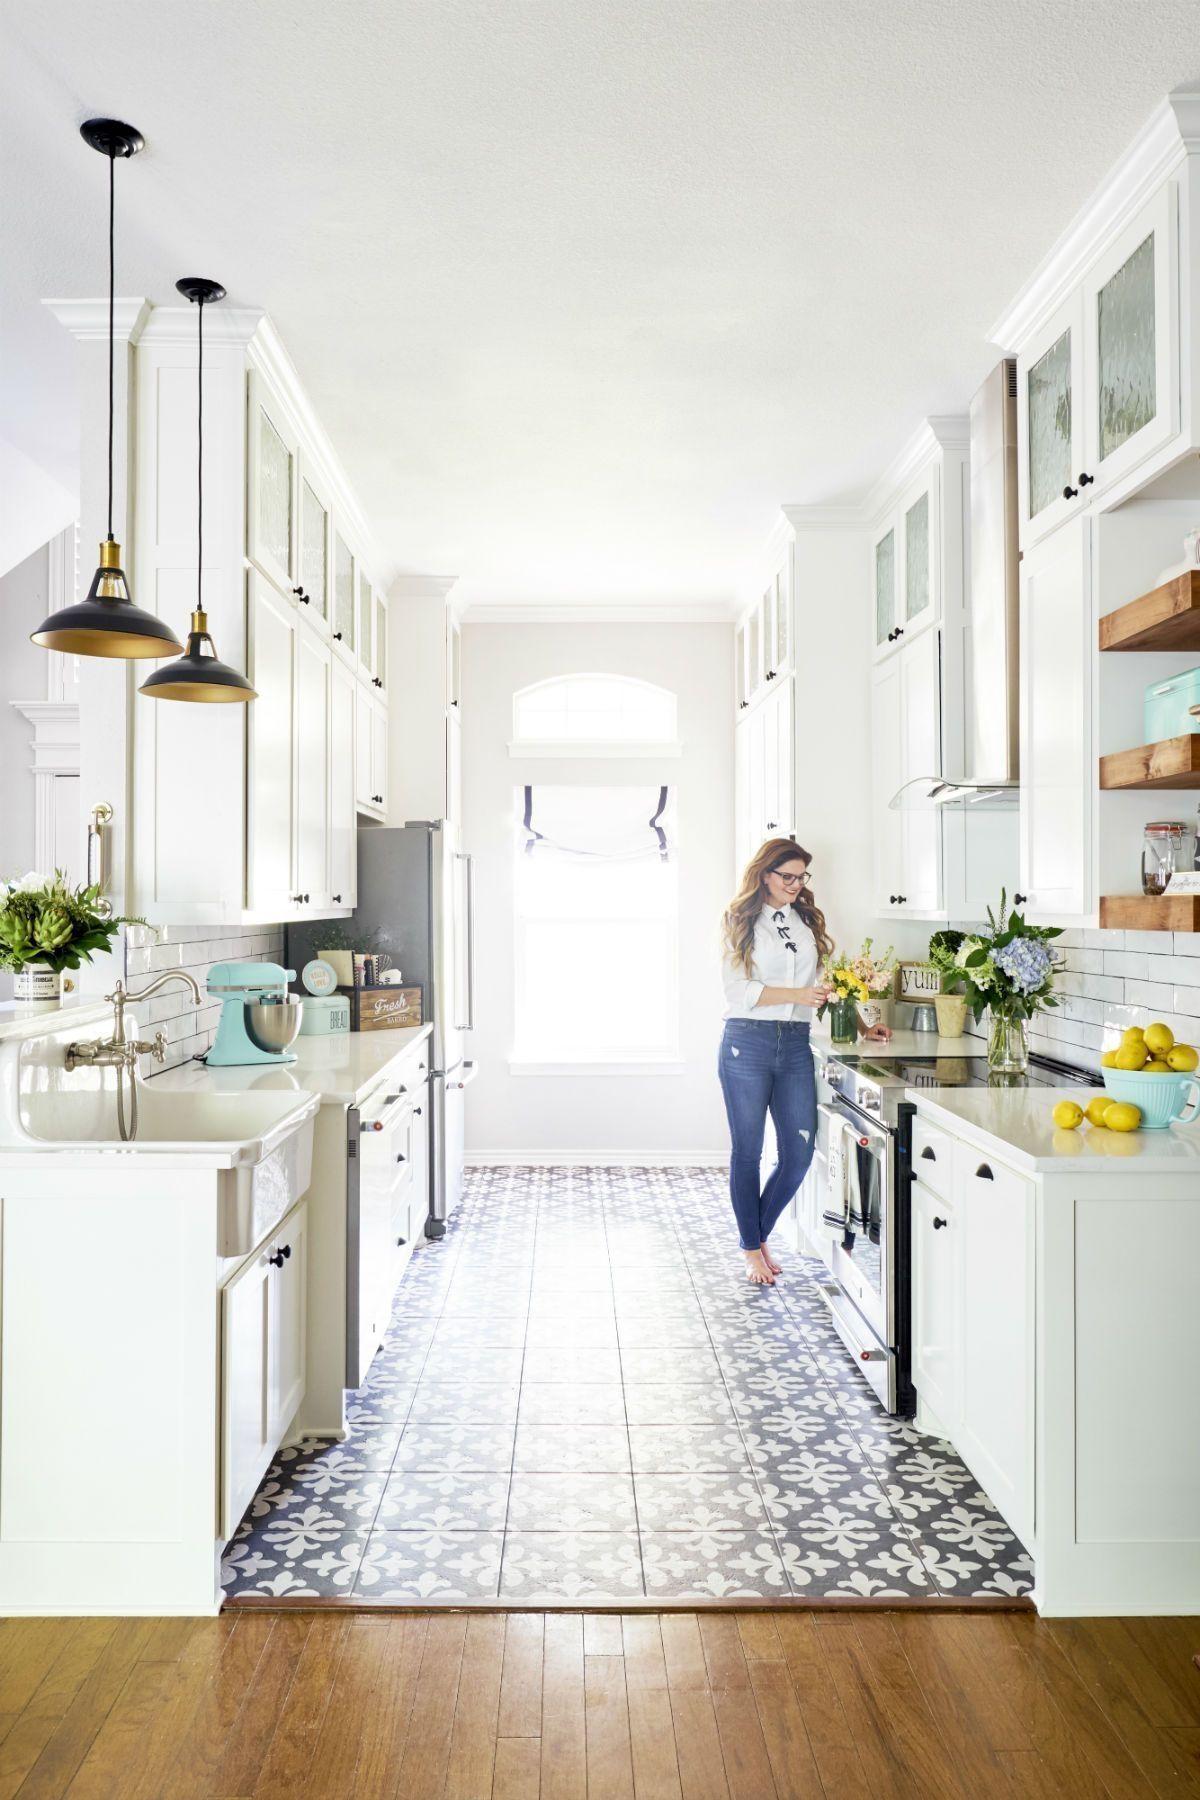 51 Unordinary Retro Galley Kitchen Design Ideas In 2020 Kitchen